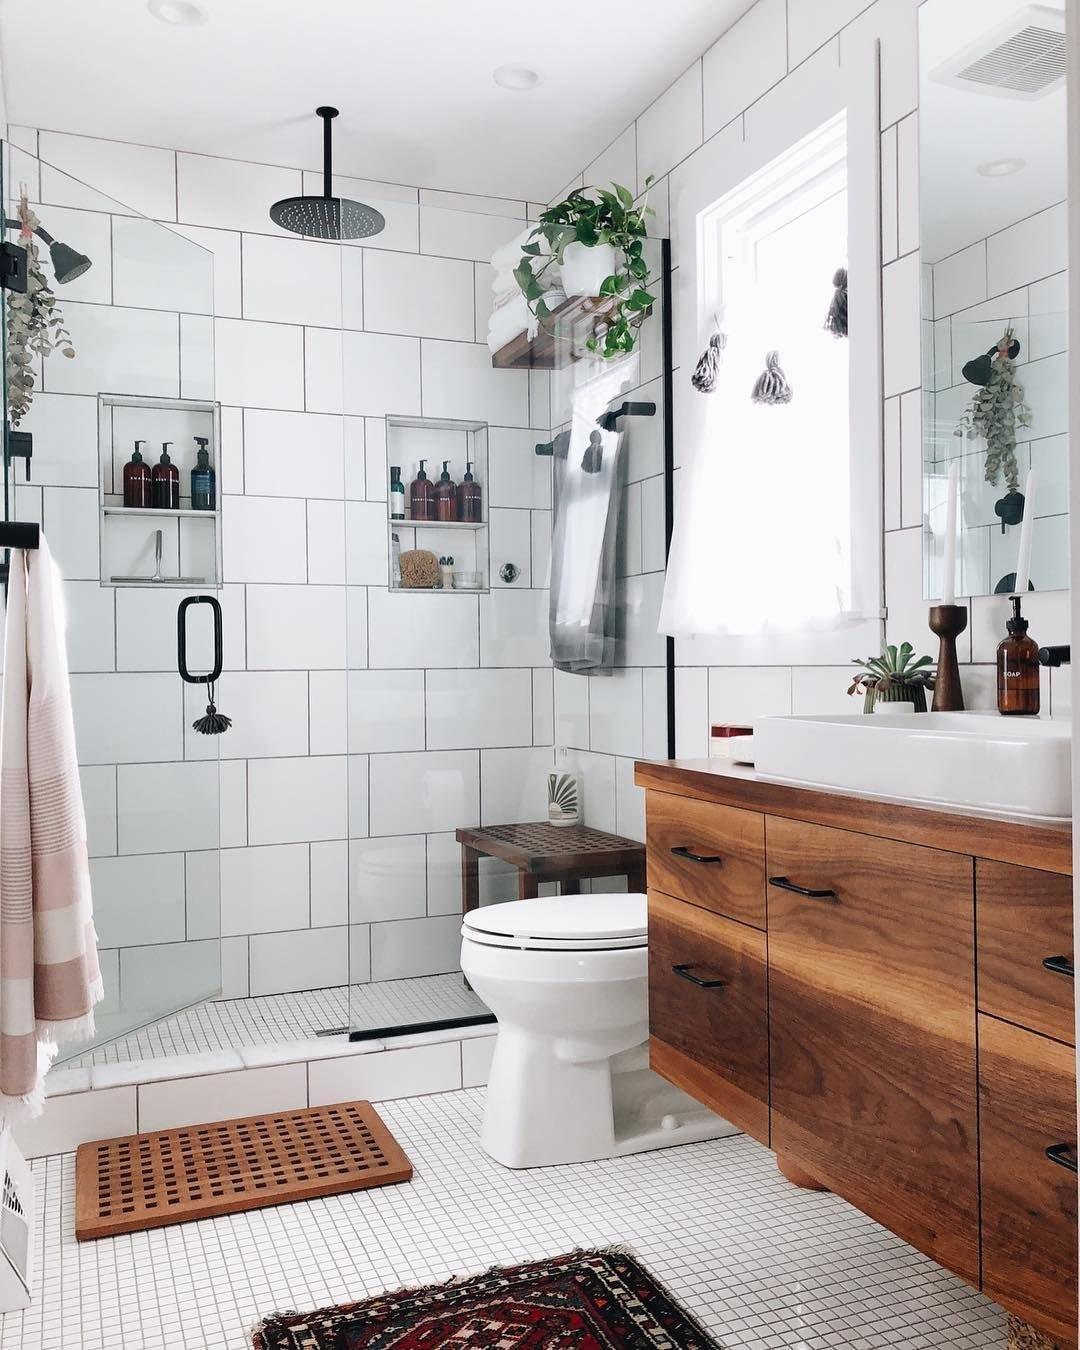 banheiro decor prego e martelo